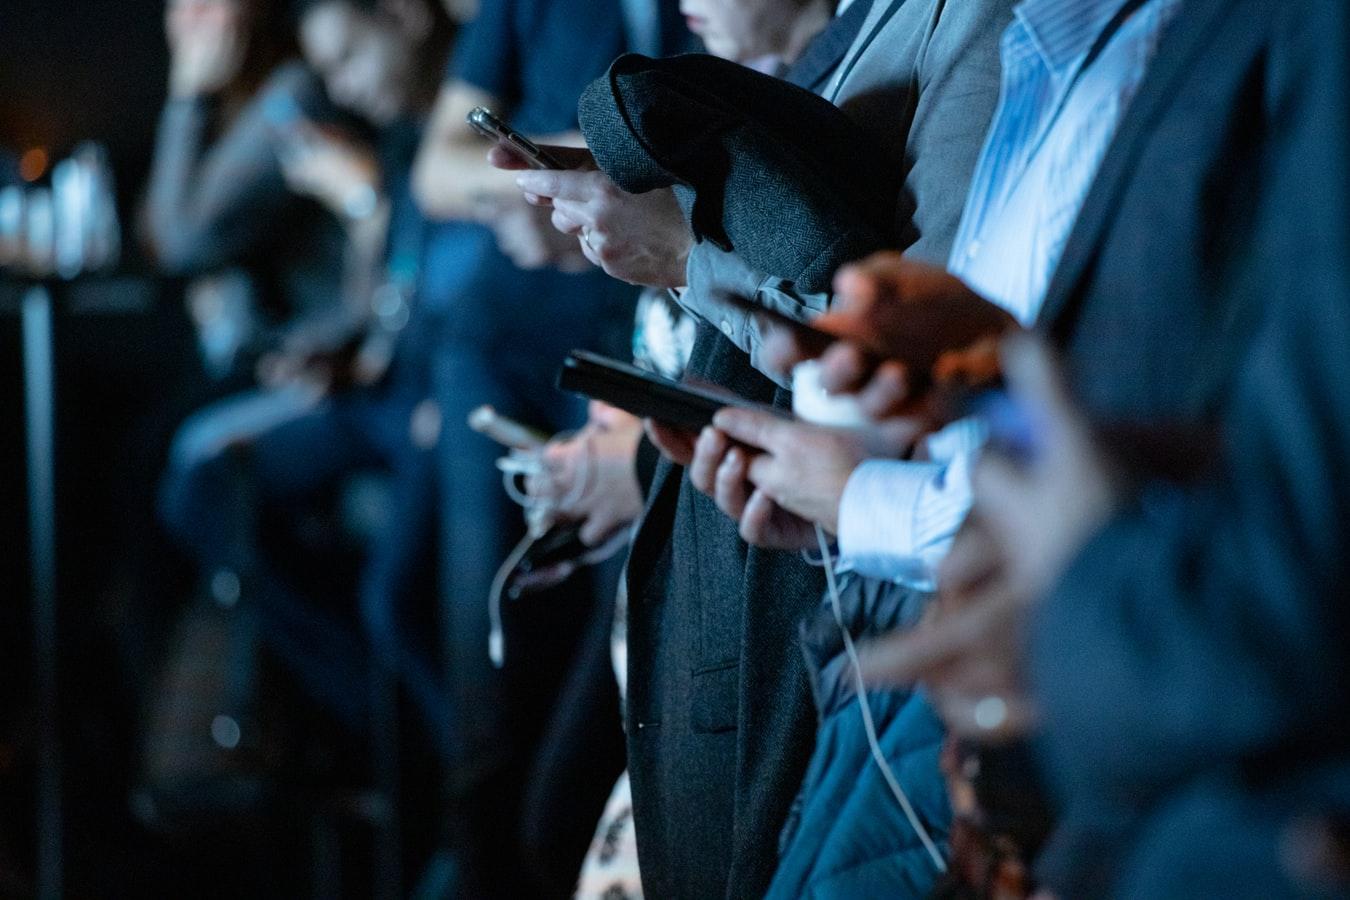 Es sind mehrere Menschen mit Smartphone in der Hand zu sehen.